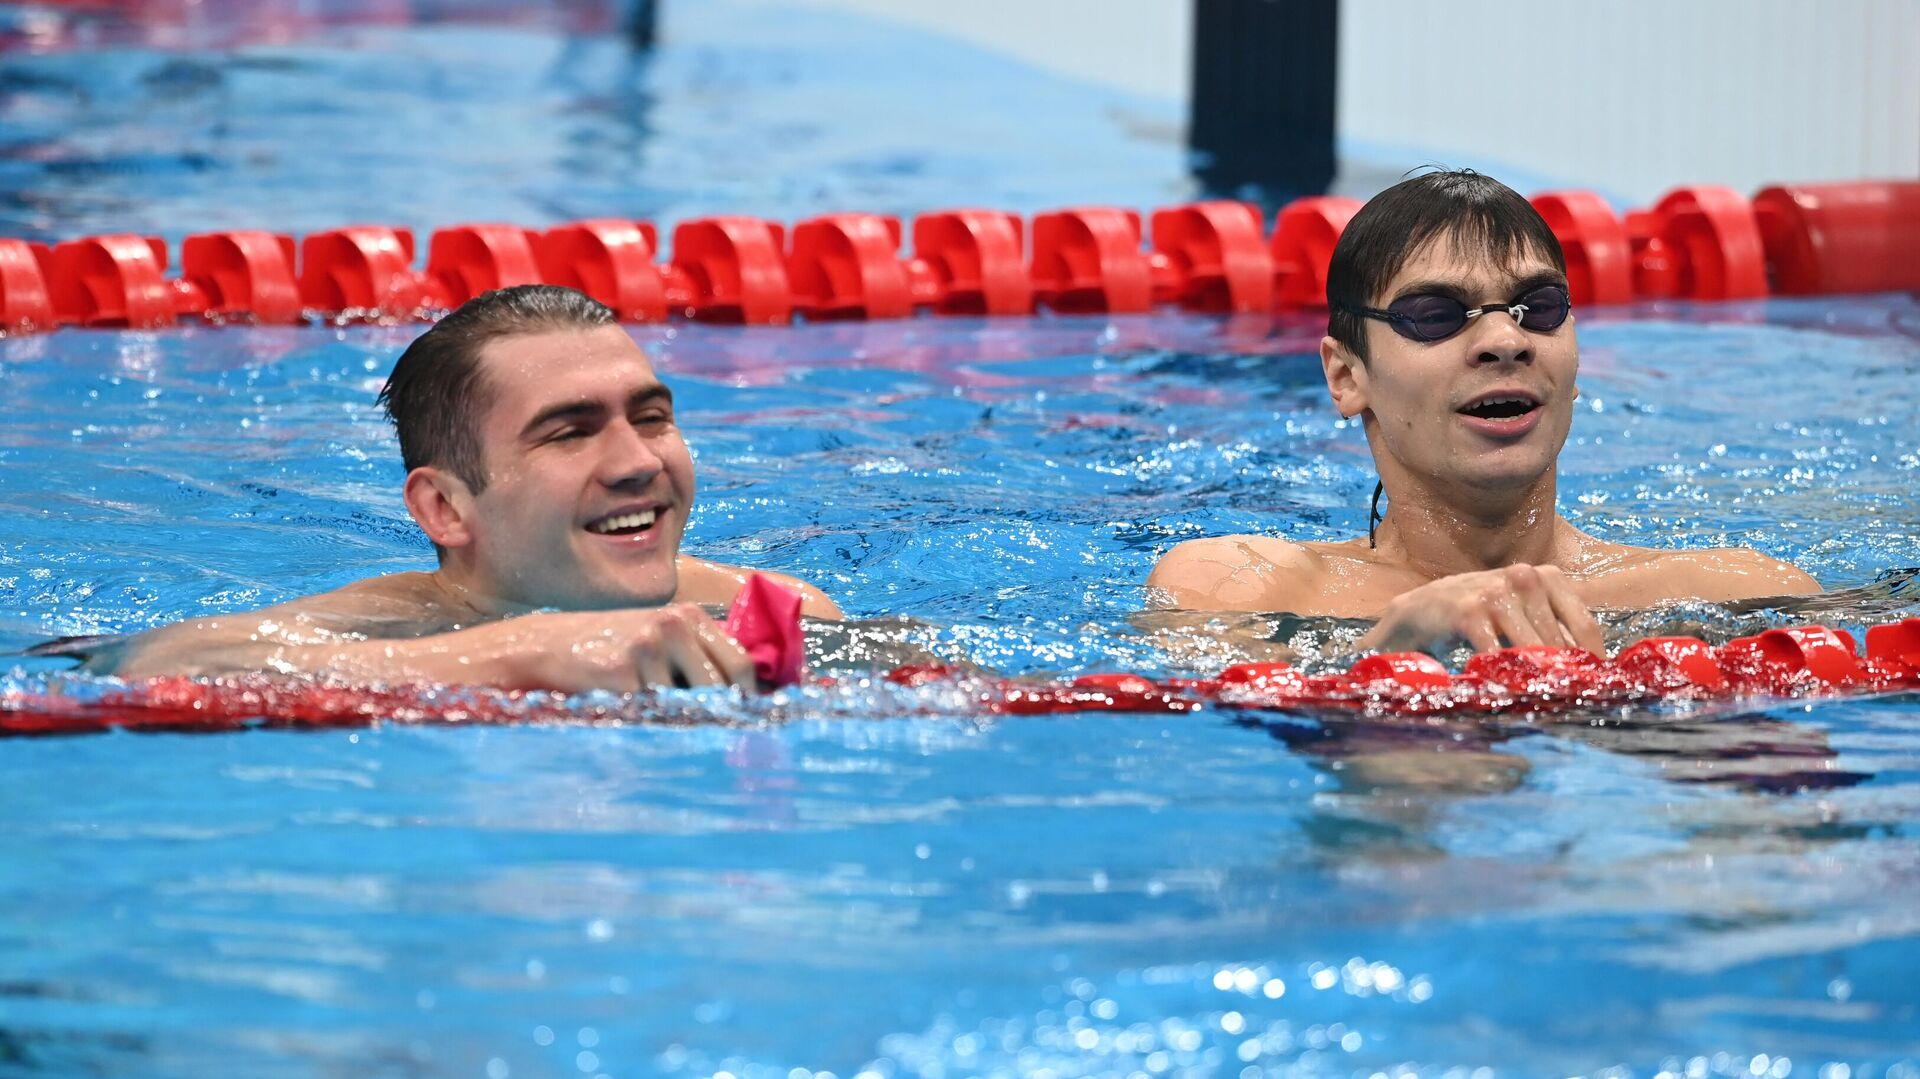 Олимпиада-2020. Плавание. Третий день - РИА Новости, 1920, 01.08.2021